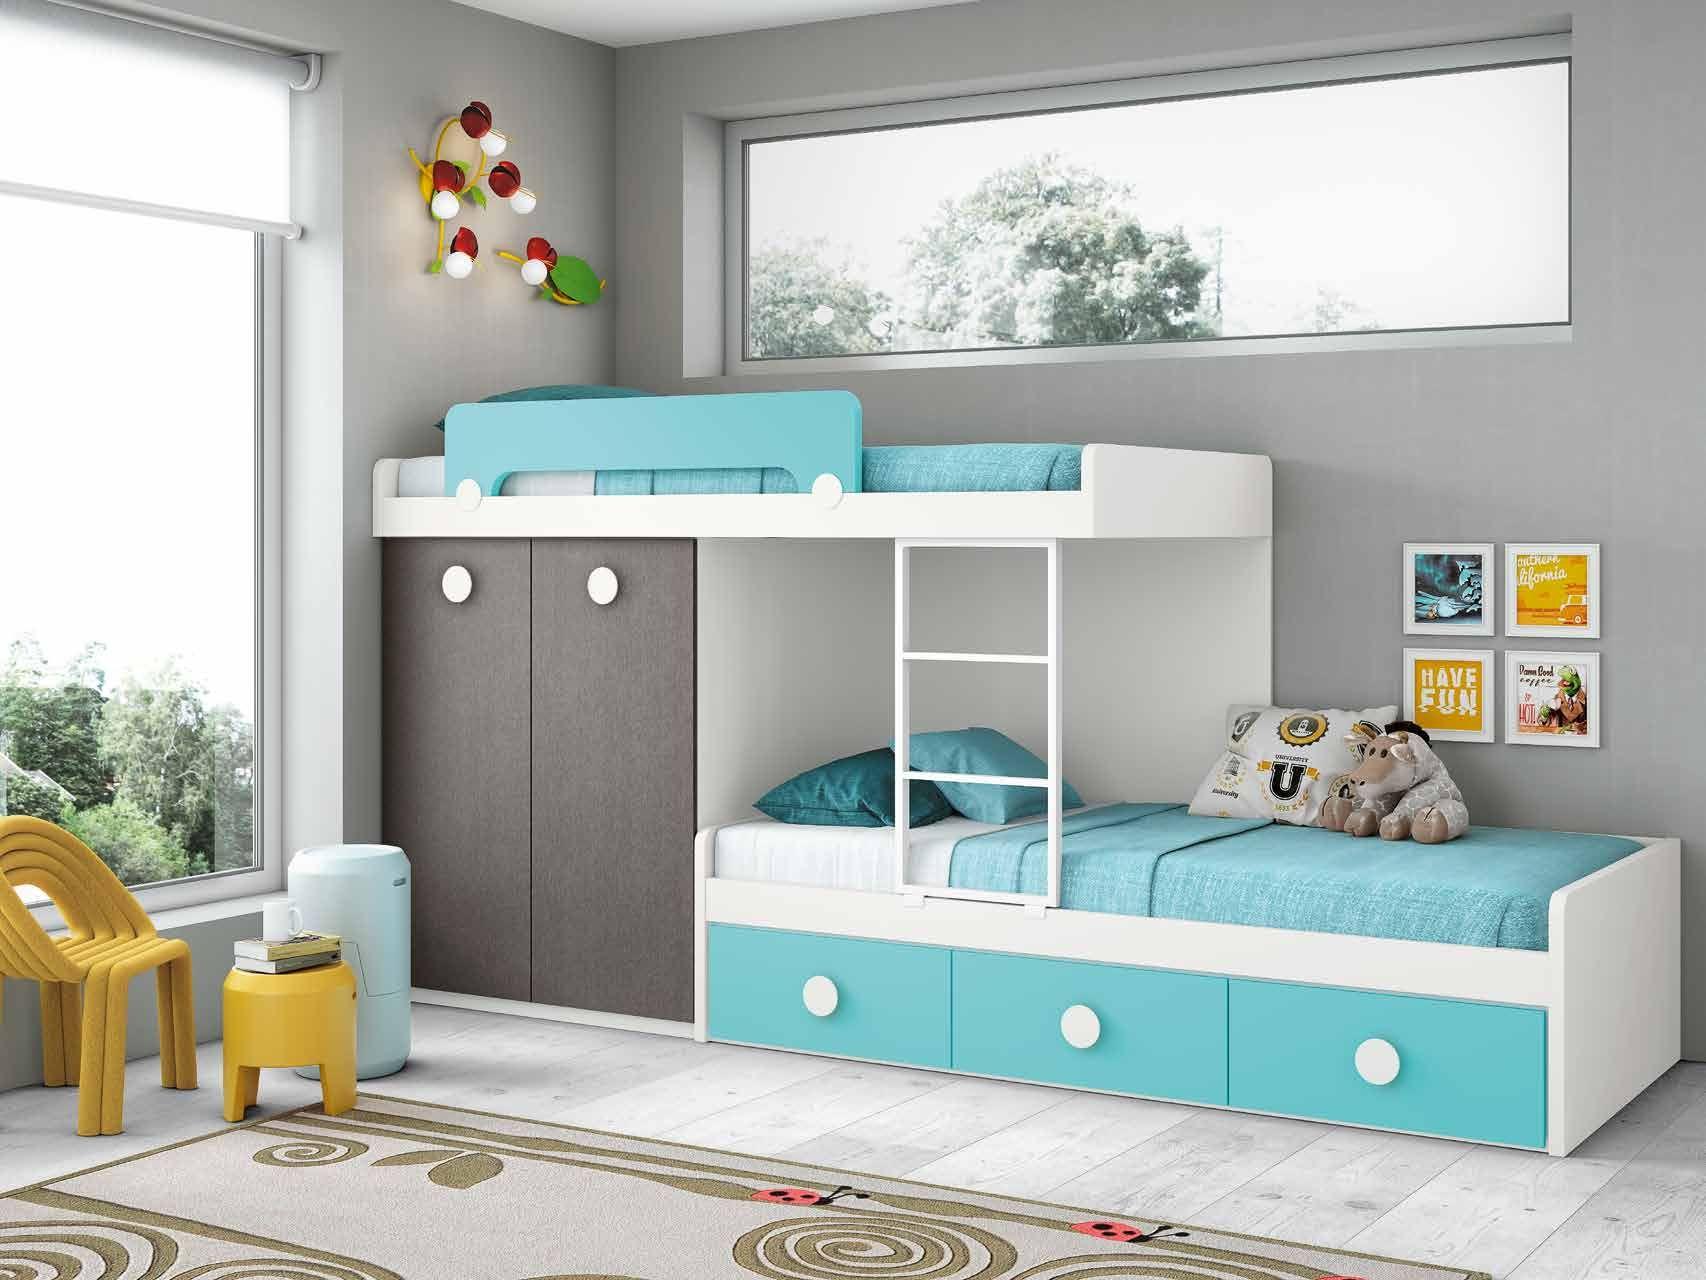 Cama Tren Combinada En Gris Blanco Y Azul Cama Infantil  # Muebles Laqueados Infantiles